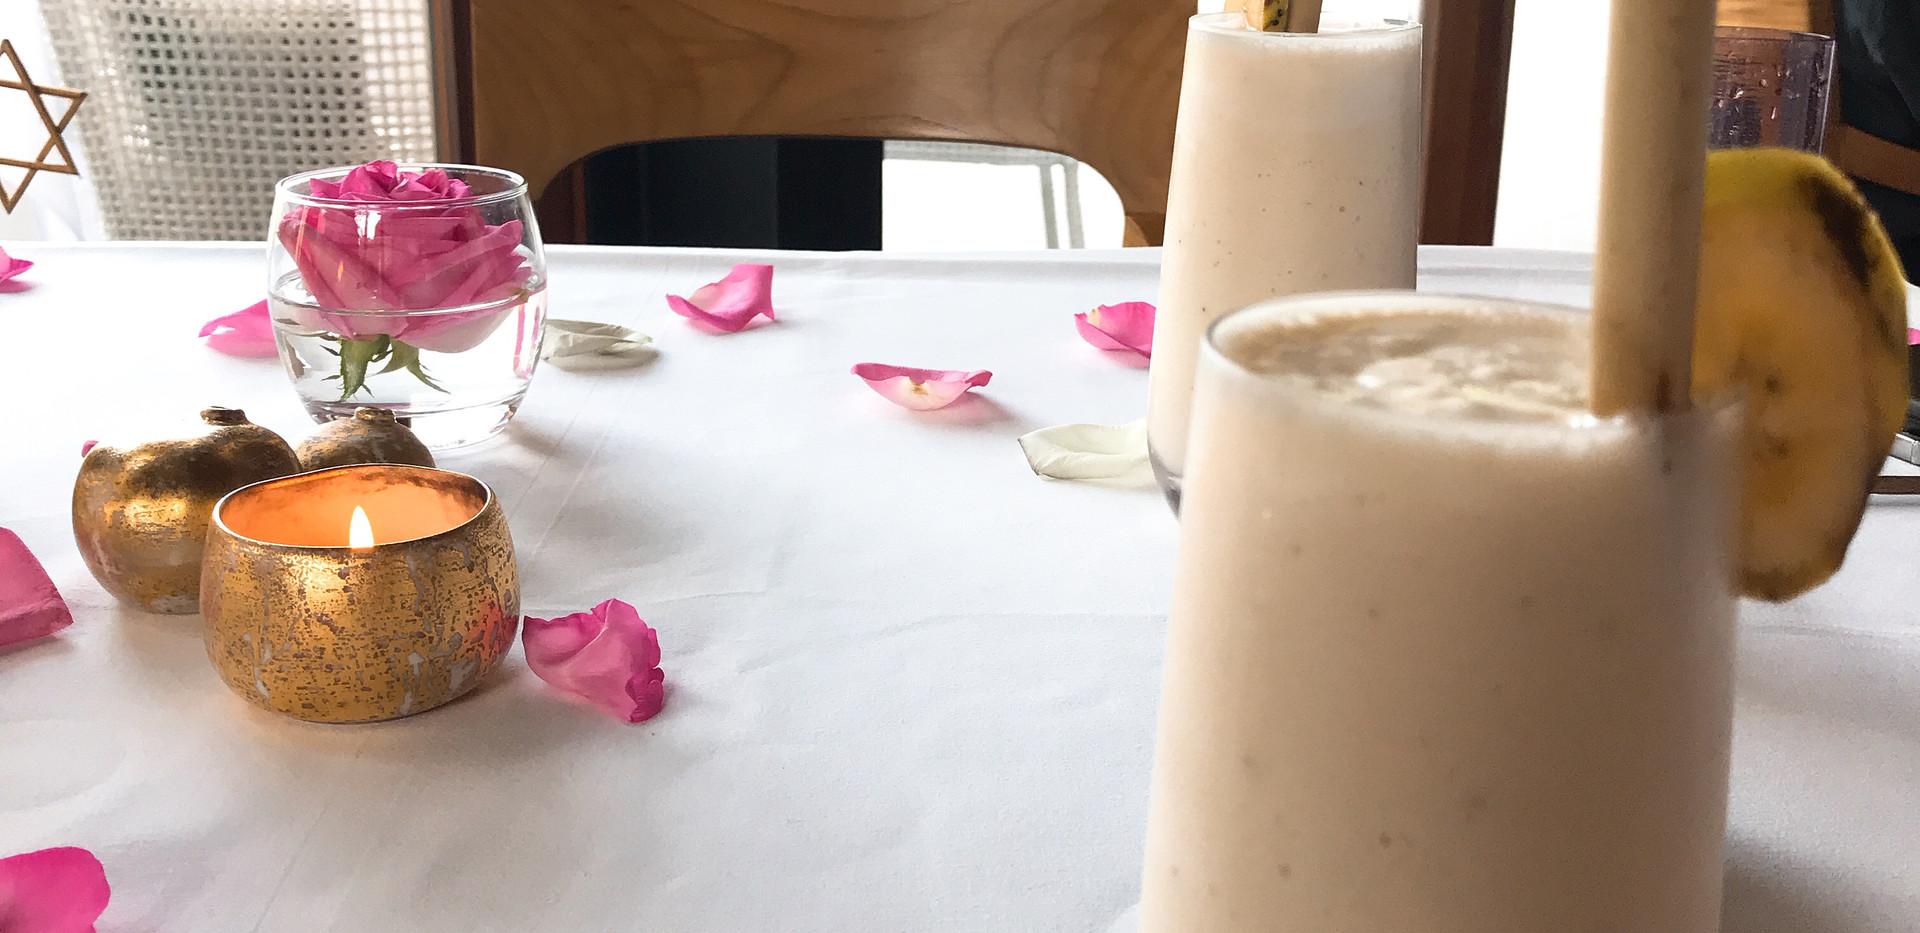 banana & cococut smoothie